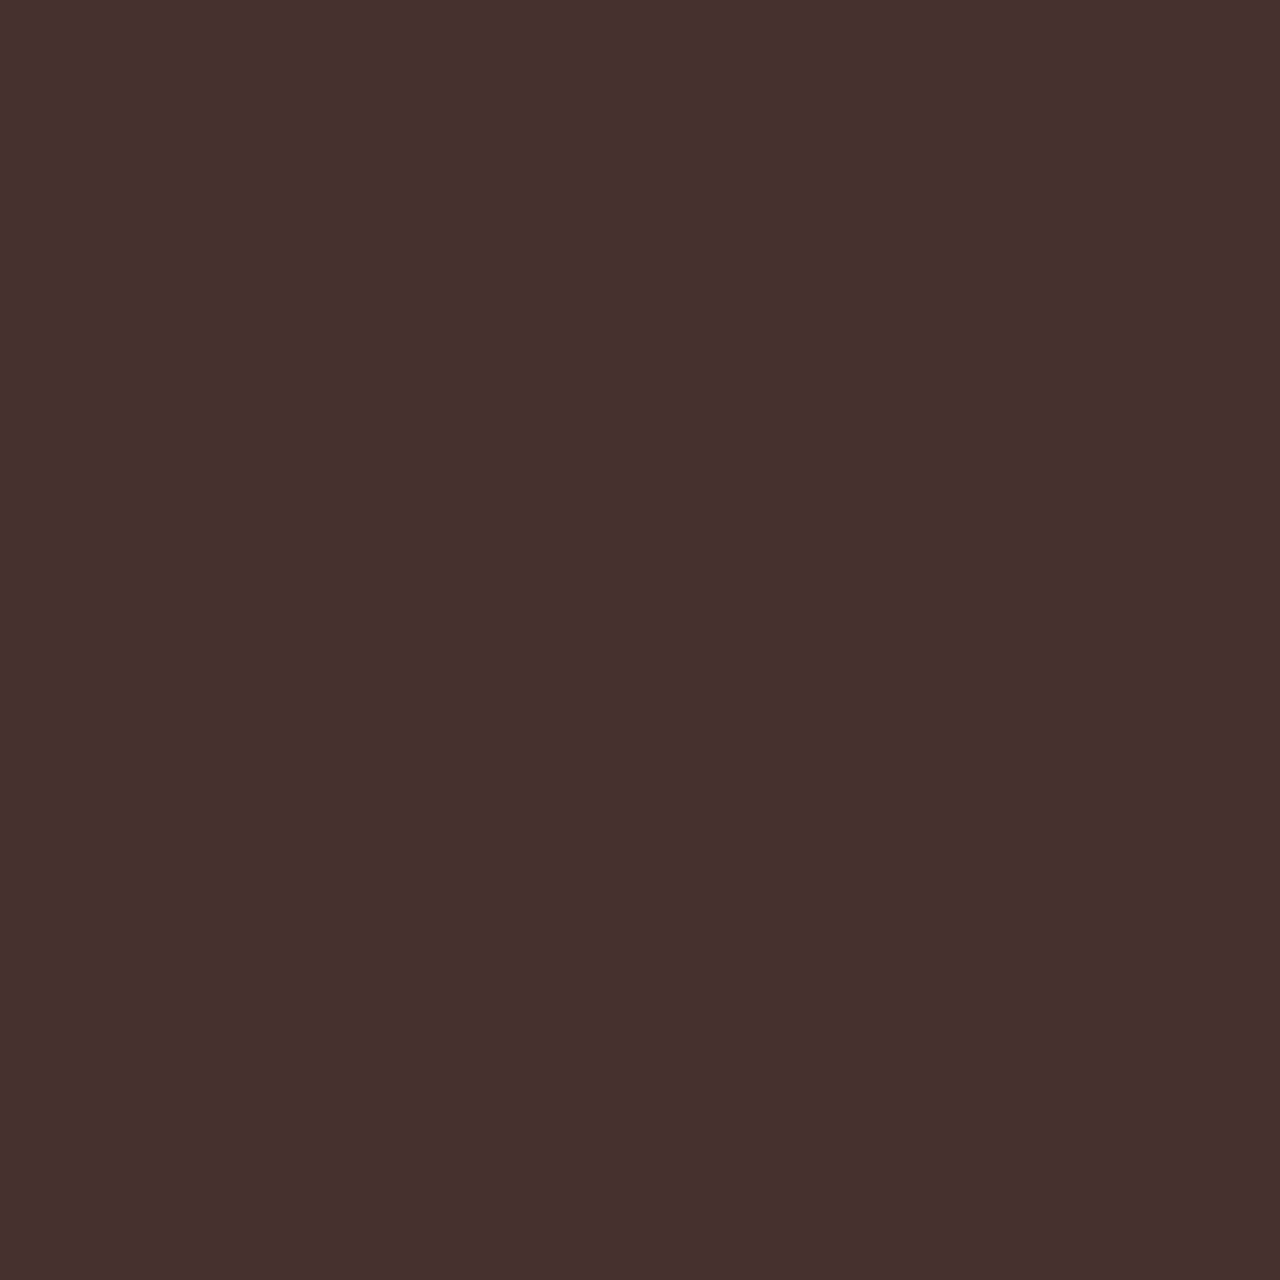 Scirocco marron